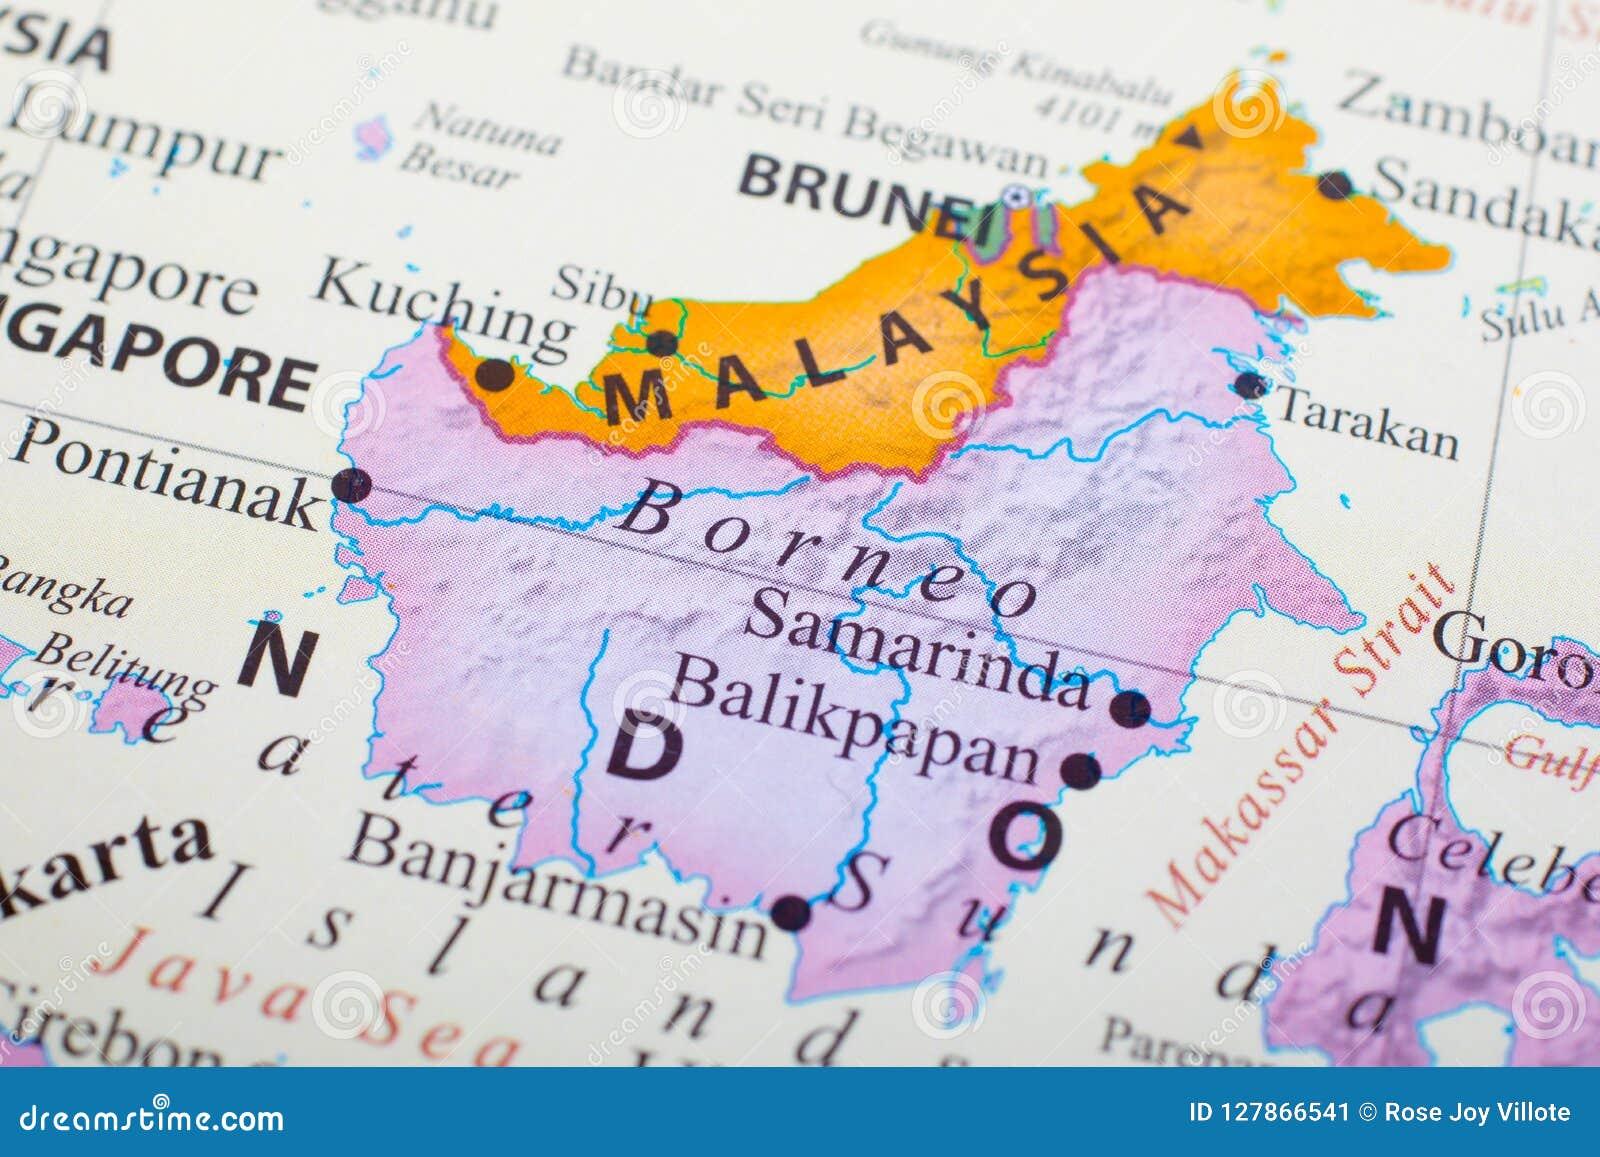 Carte de la Malaisie au milieu du Brunei et du Bornéo